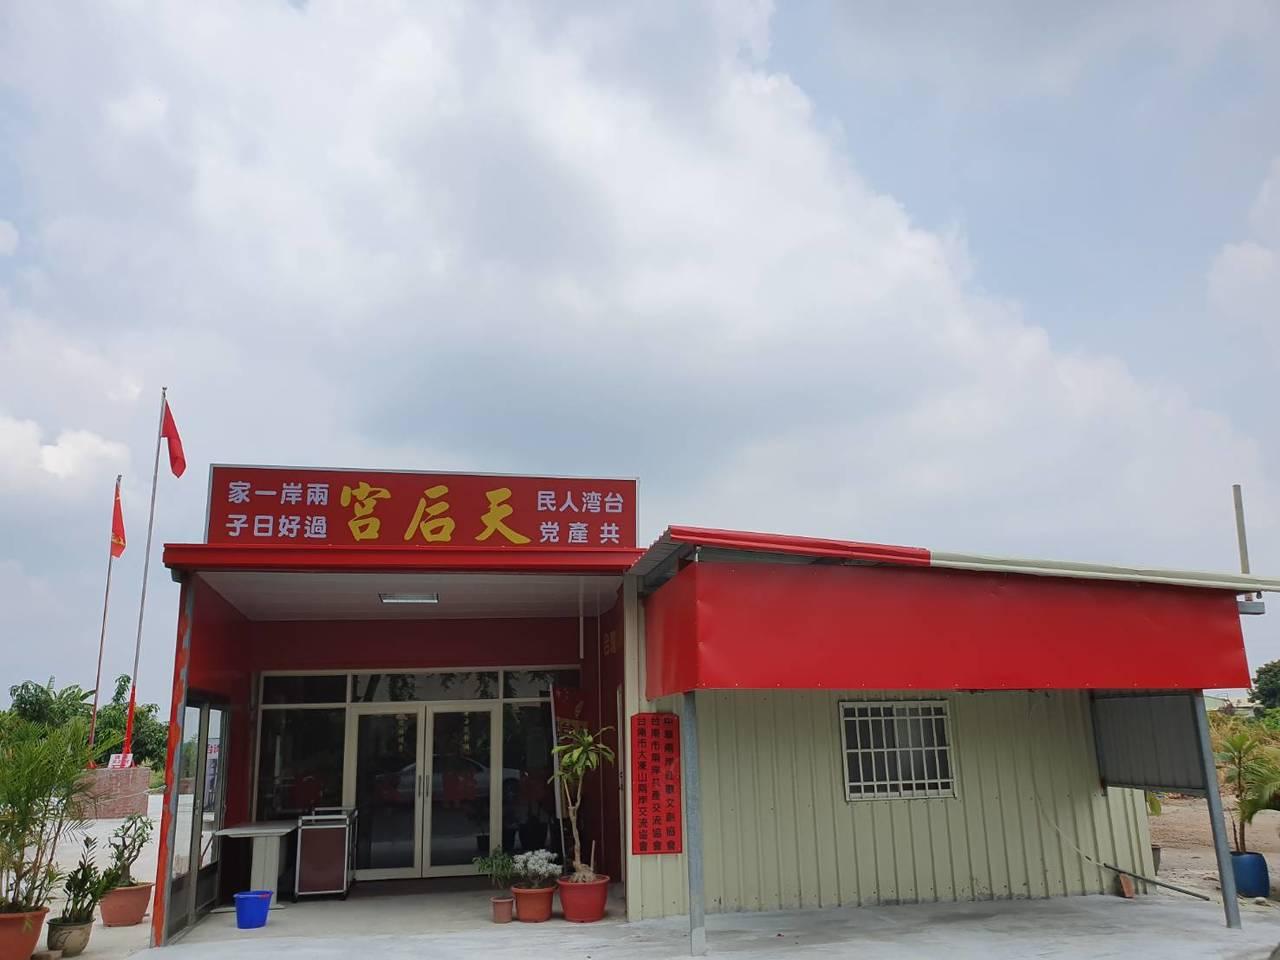 台南新營共產天后宮確定是違建。記者謝進盛/攝影